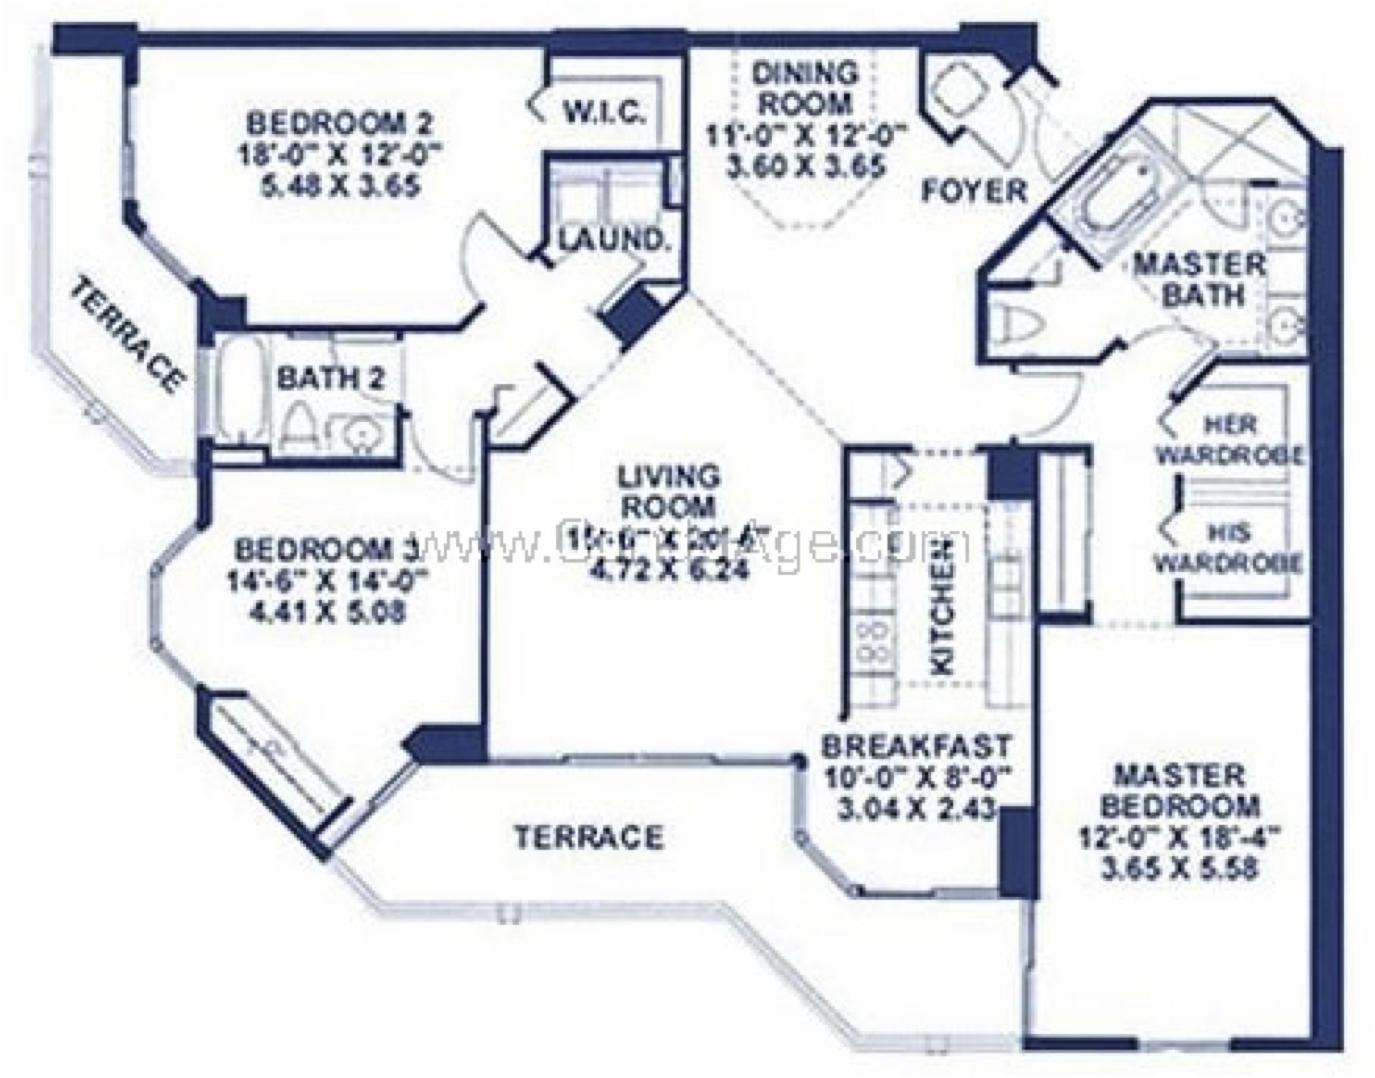 Floor plan image B - 3/2/Den  - 1865 sqft image